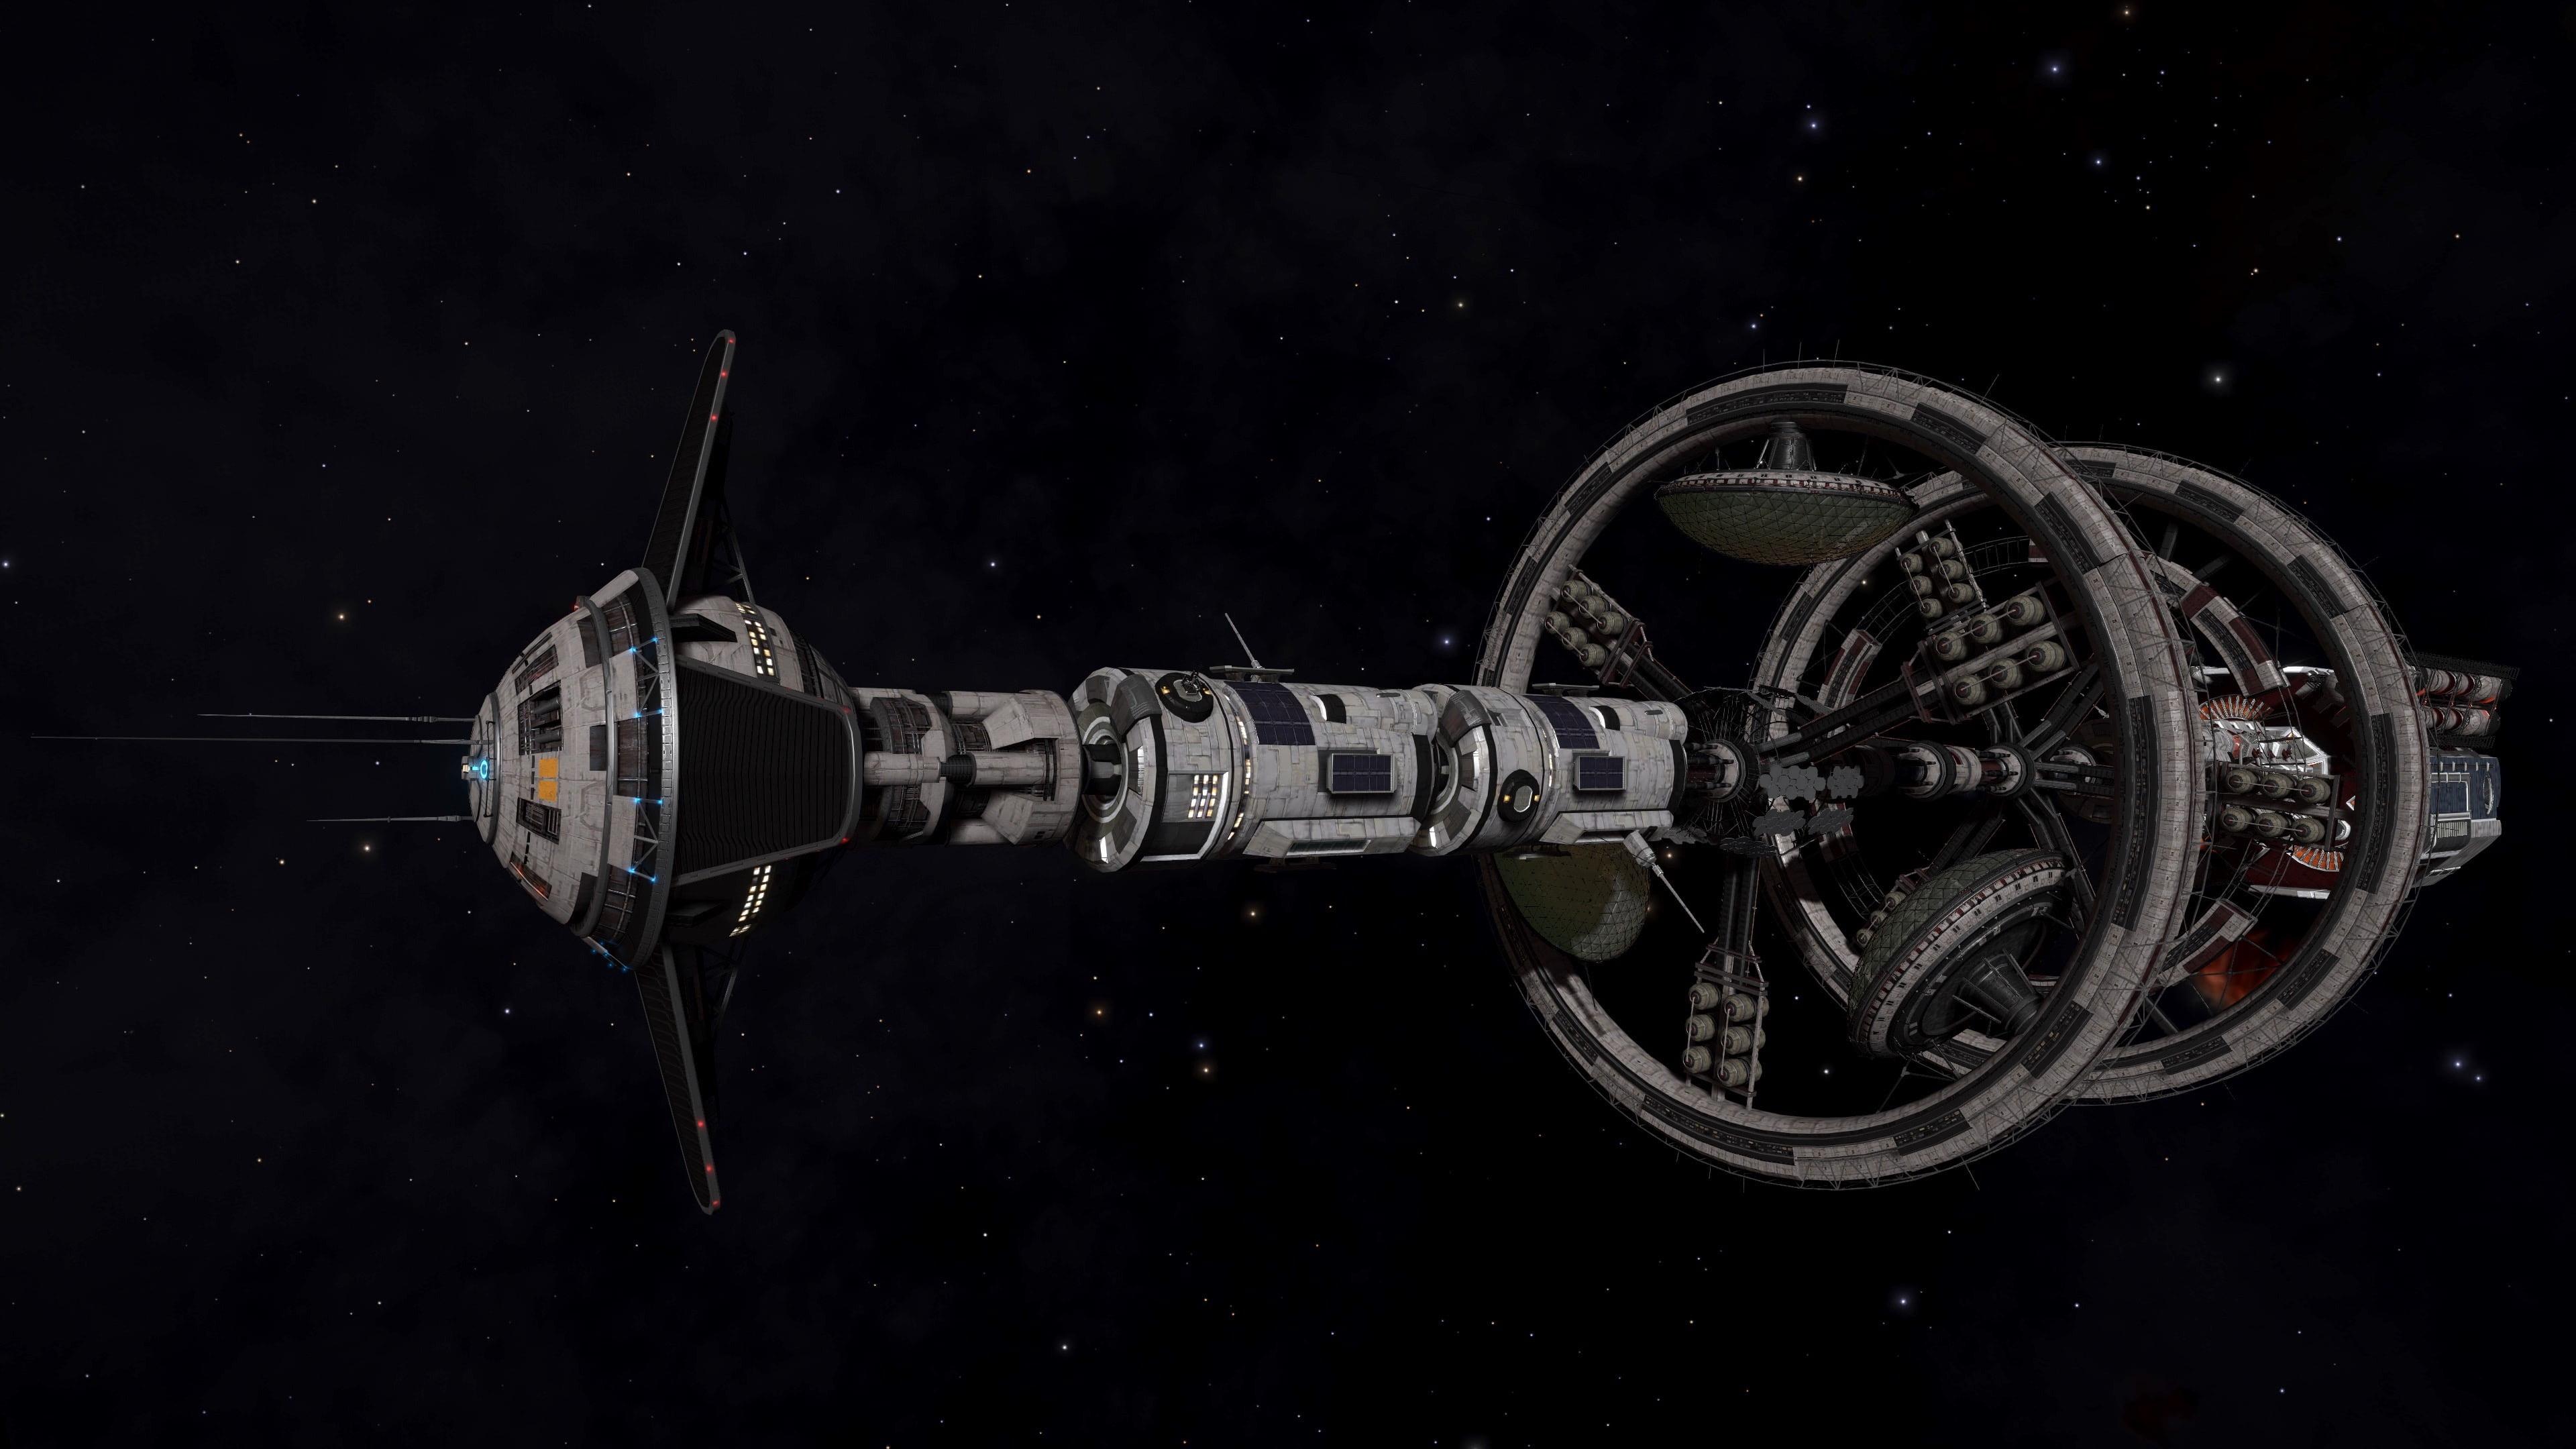 Survey Vessel Pandora